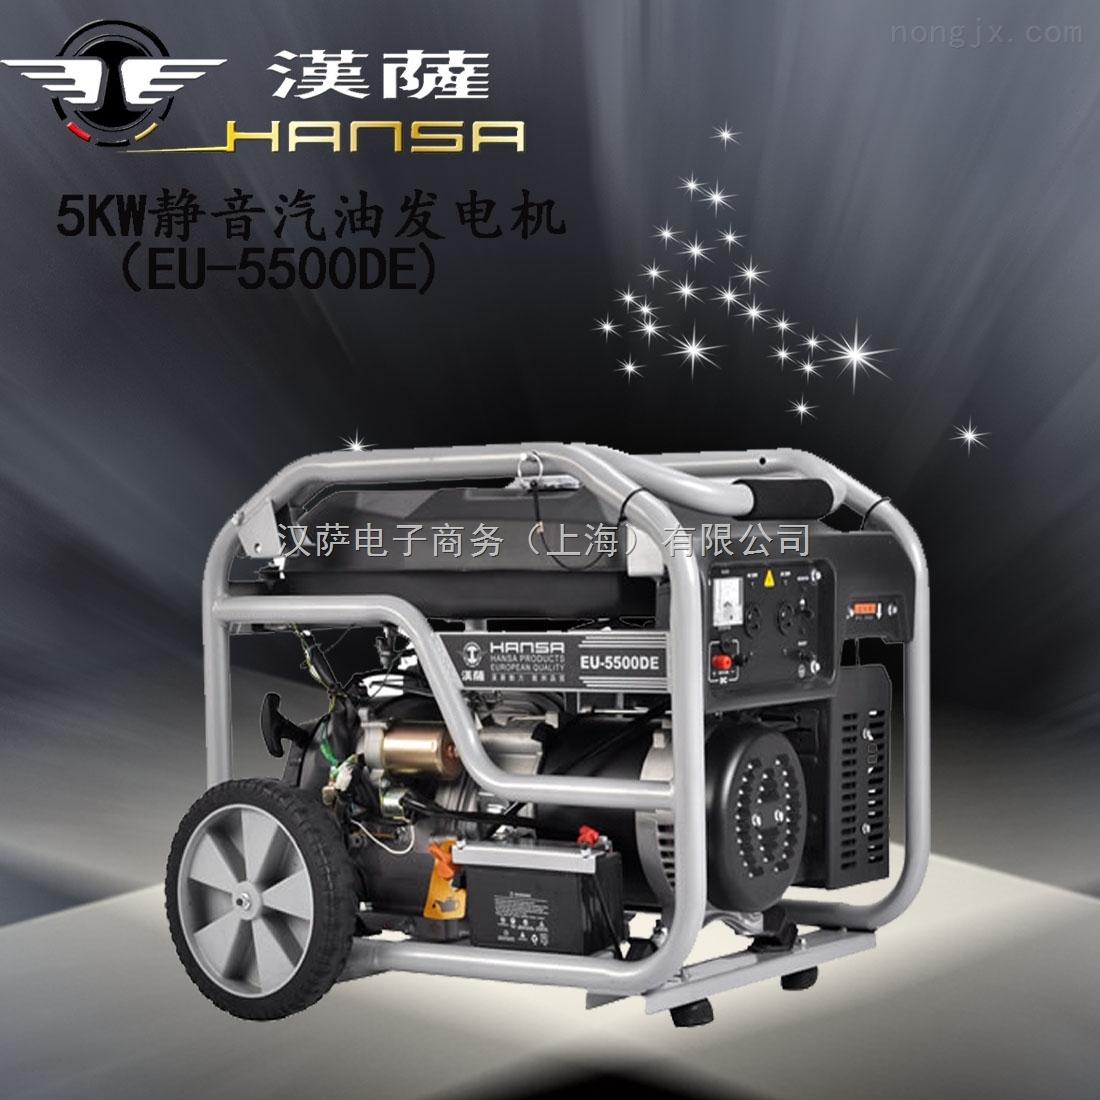 5kw220v汽油发电机报价